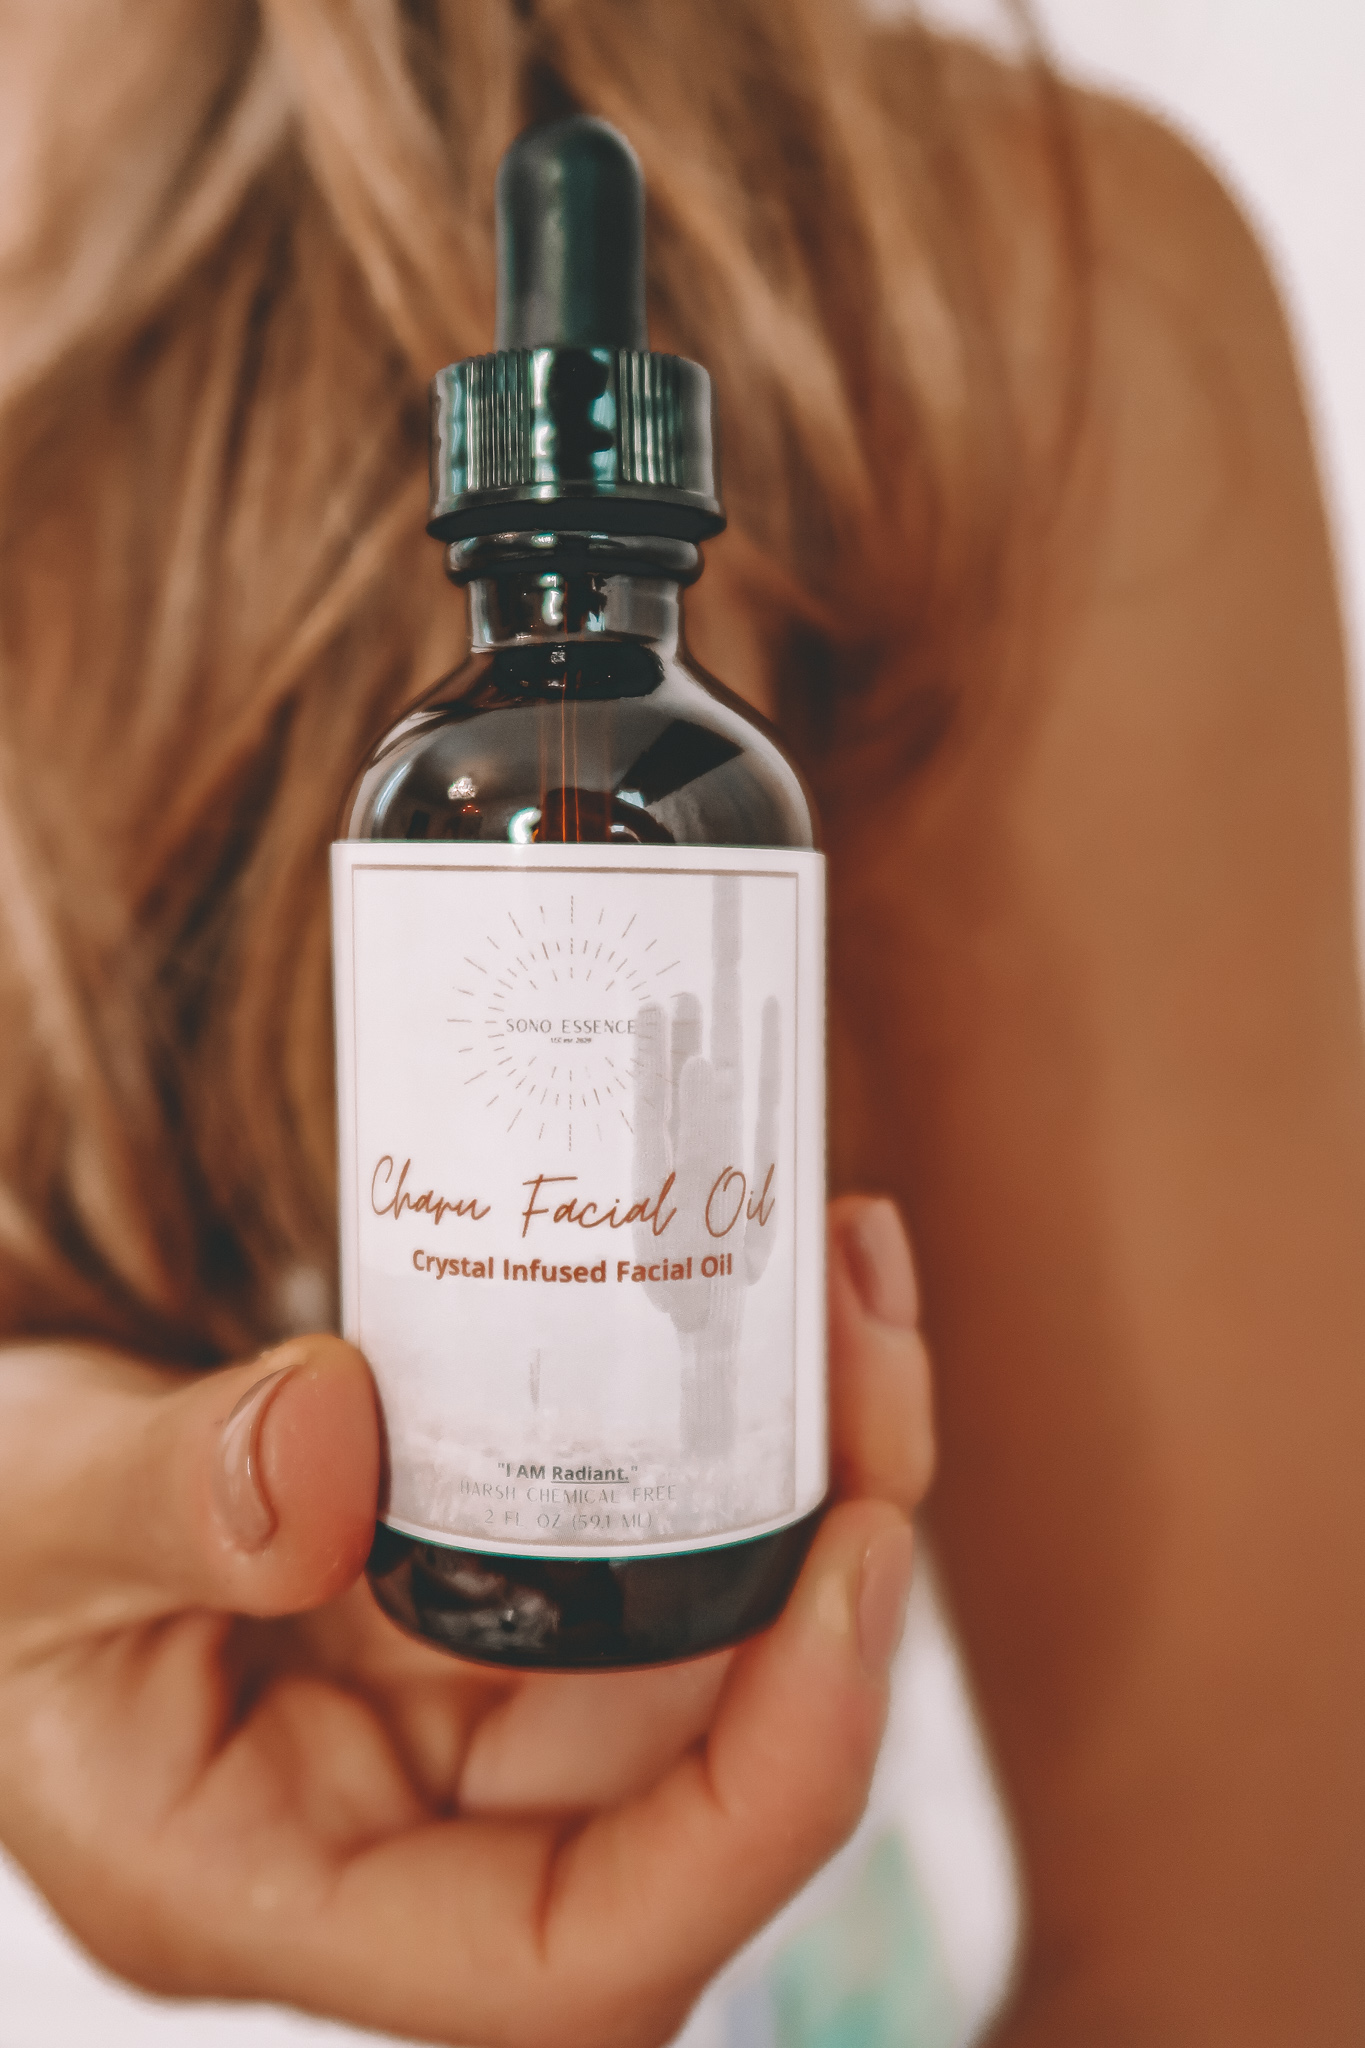 Charu Facial Oil Crystal Infused Luxury Skincare Soon Essence